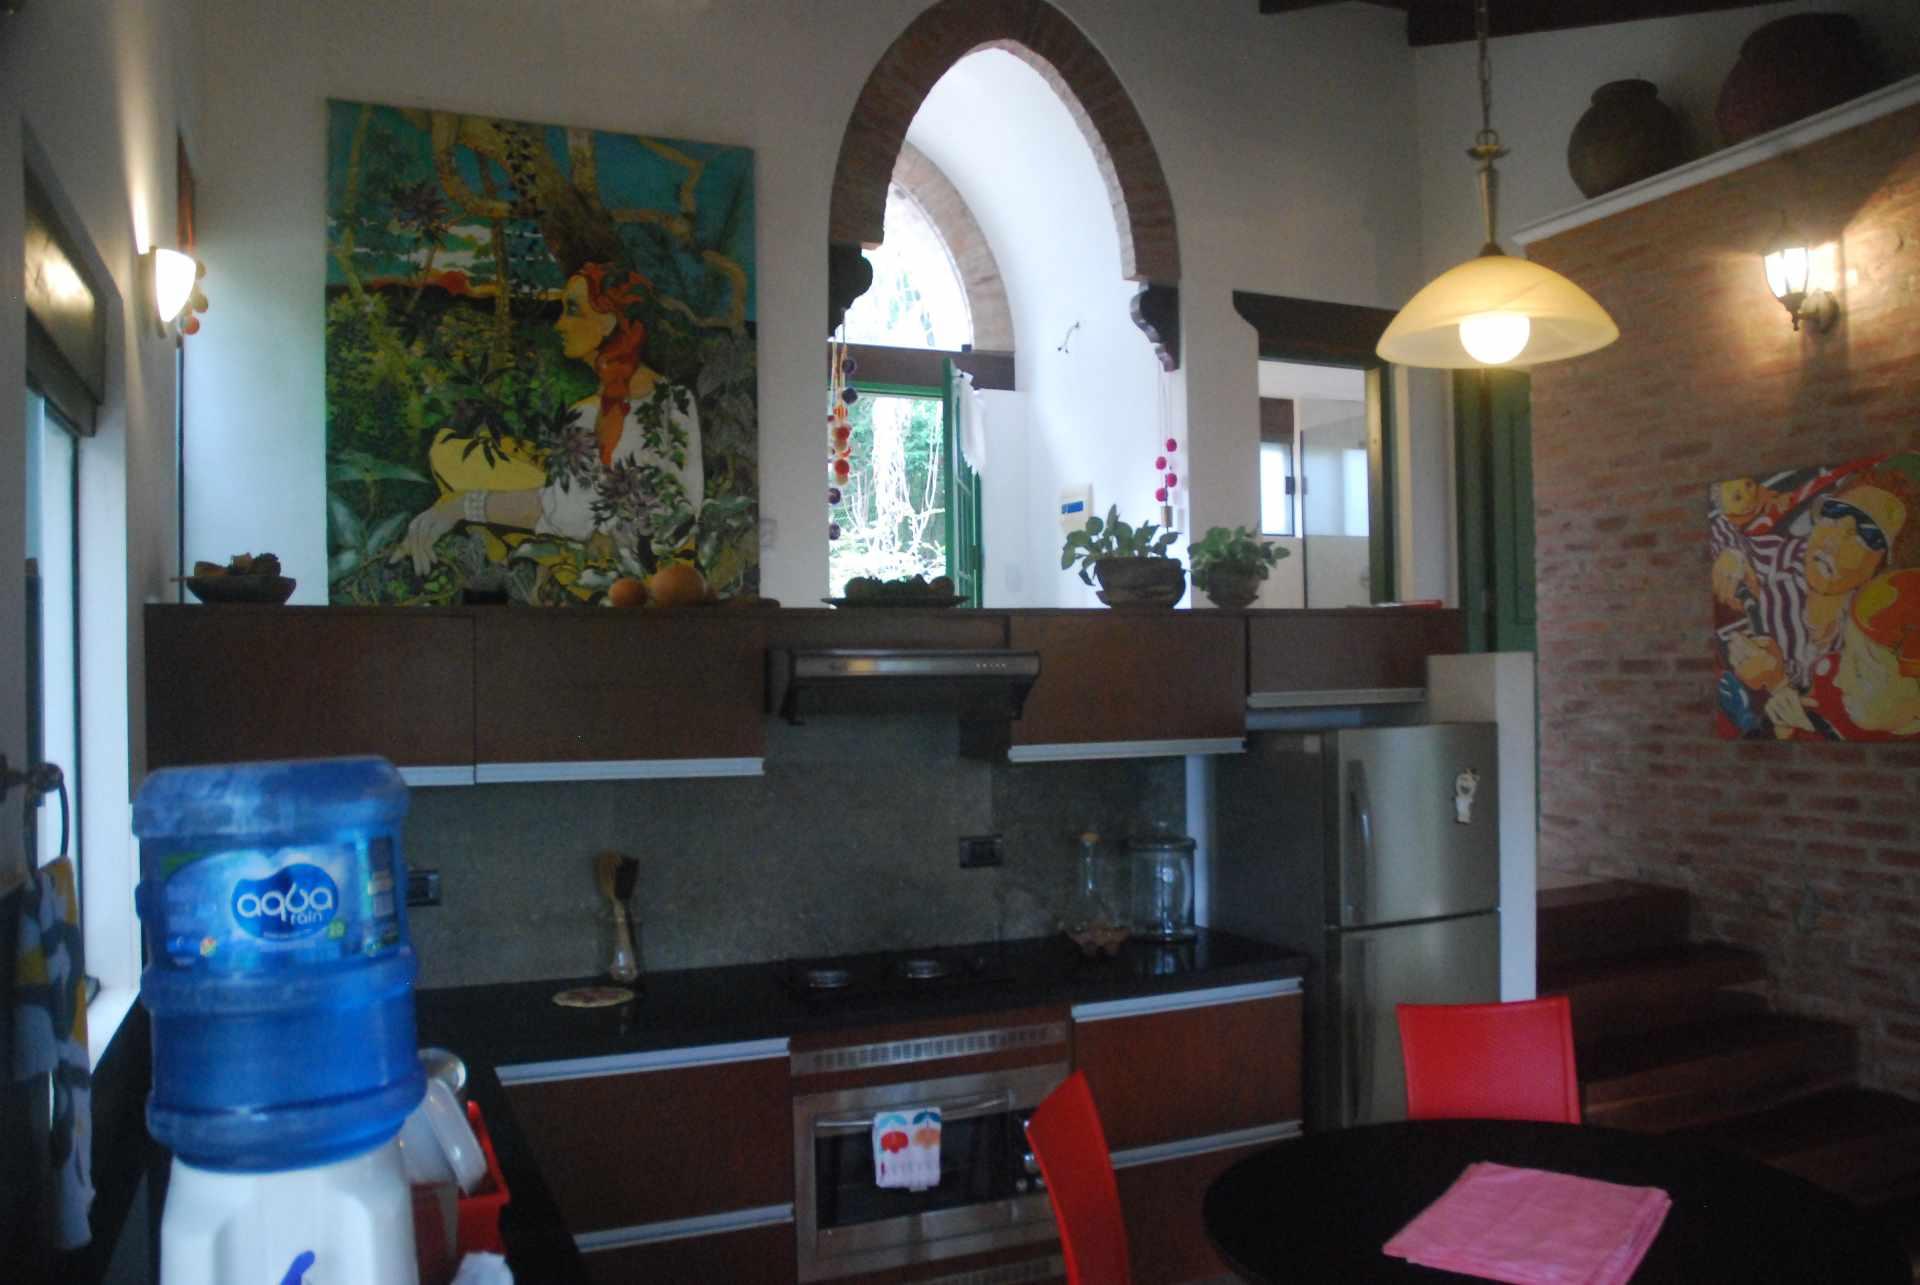 Casa en Venta Hermosa casa de campo de 110m2  en La Guardia a 2.5km del mercado. Foto 1